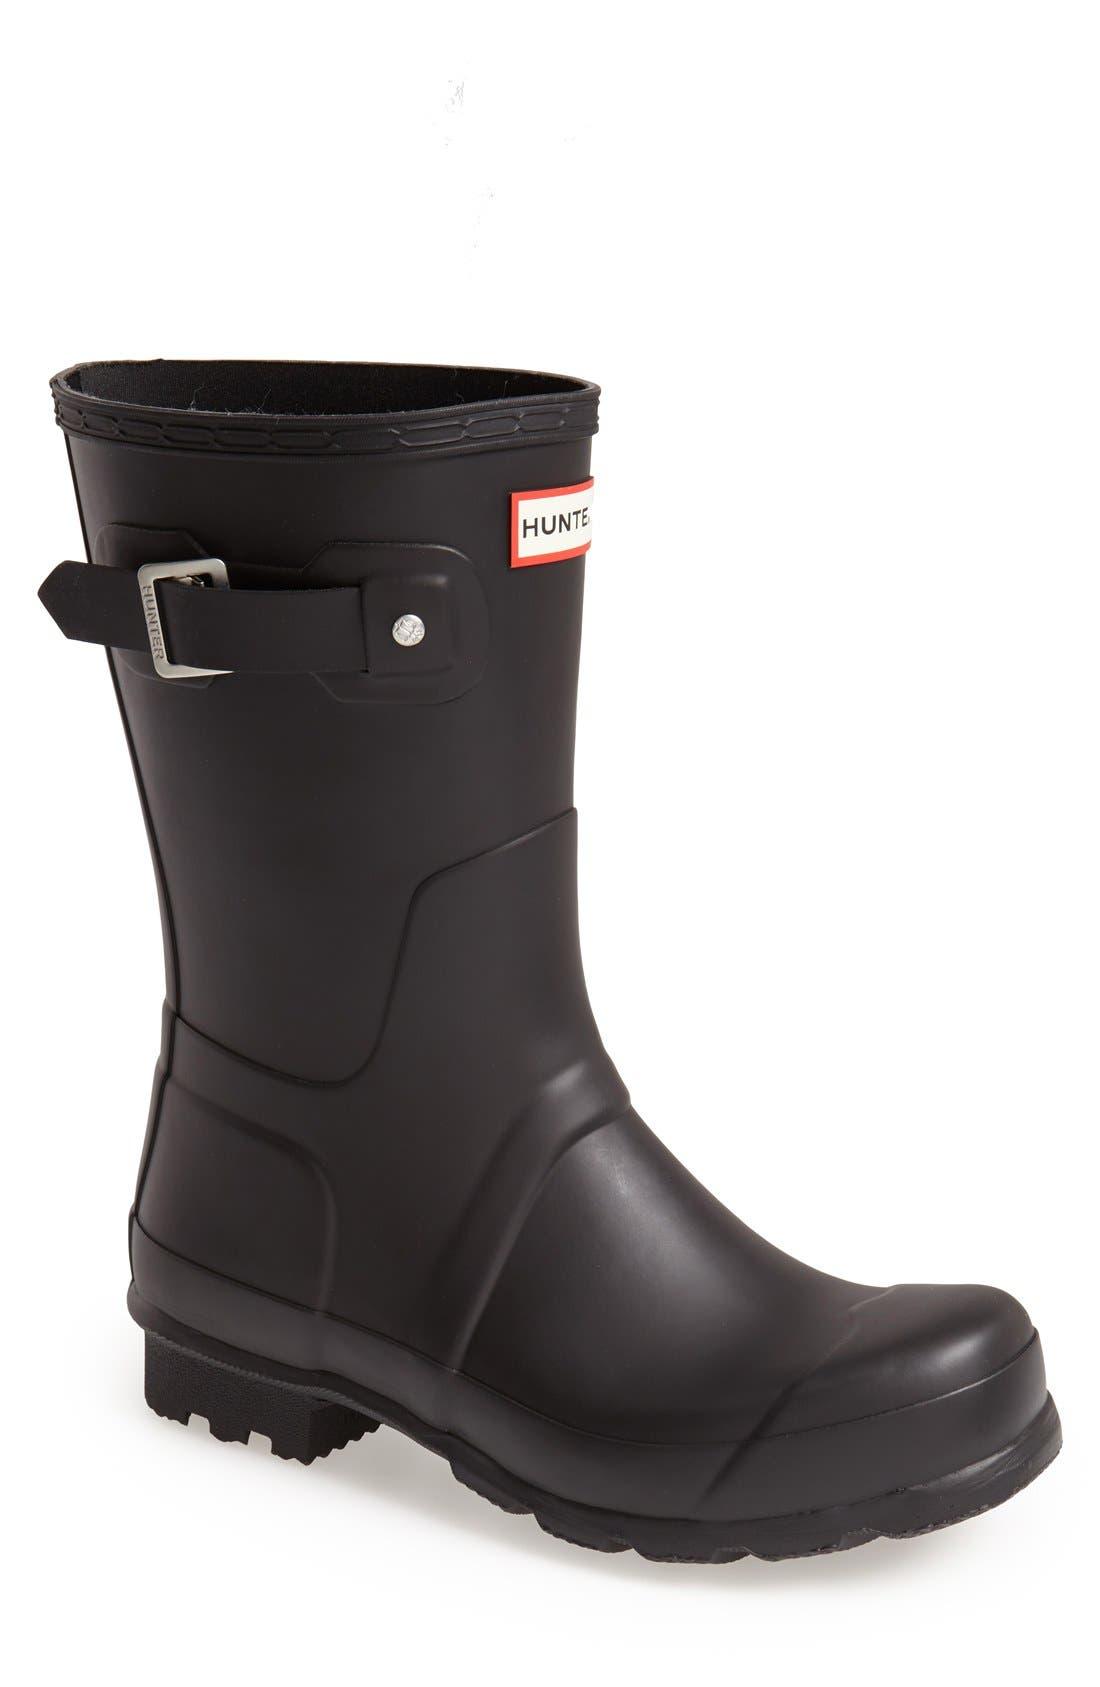 HUNTER Original Short Waterproof Rain Boot, Main, color, BLACK